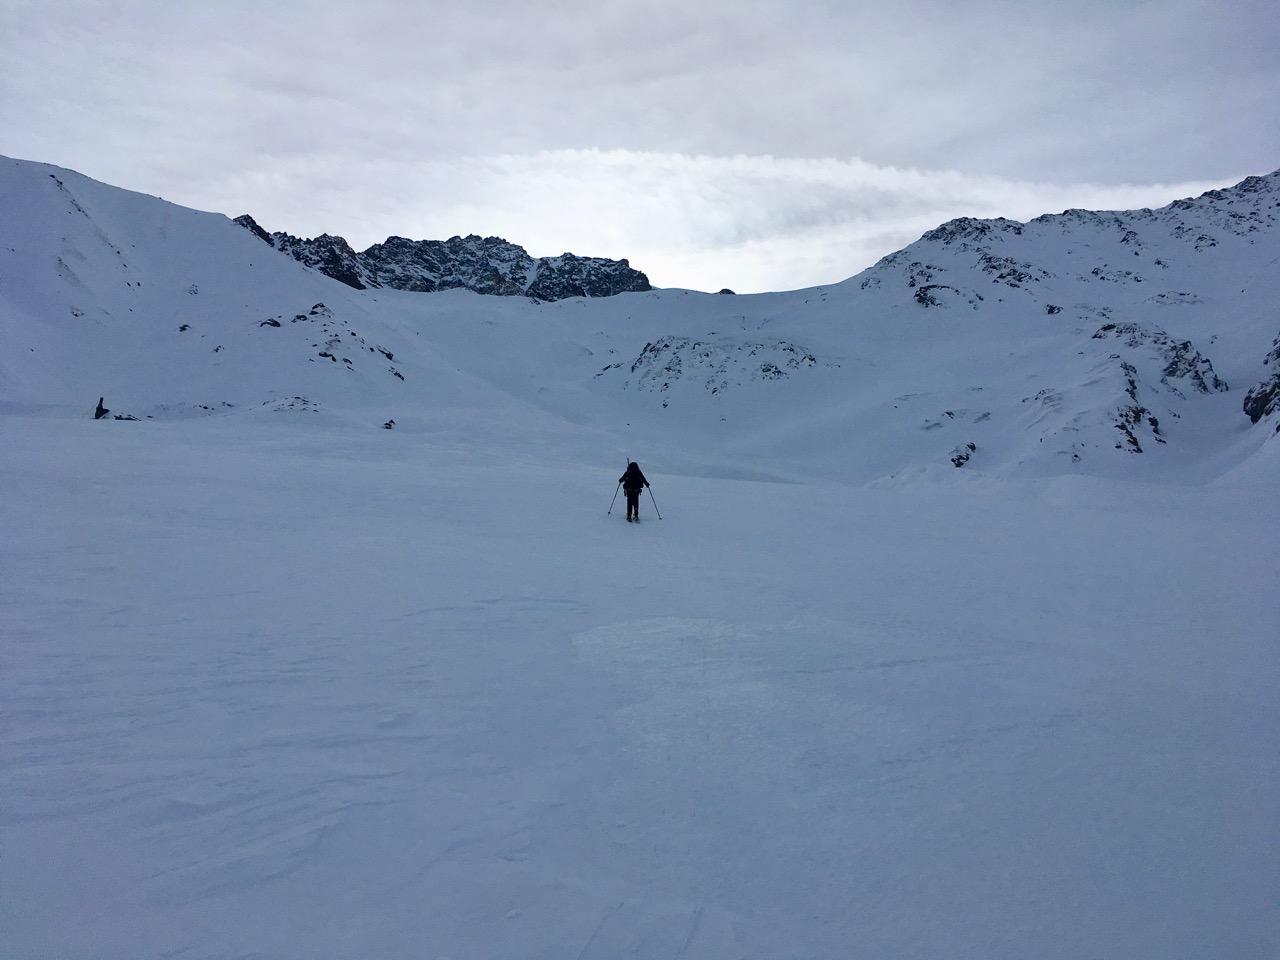 Otemma Gletscher